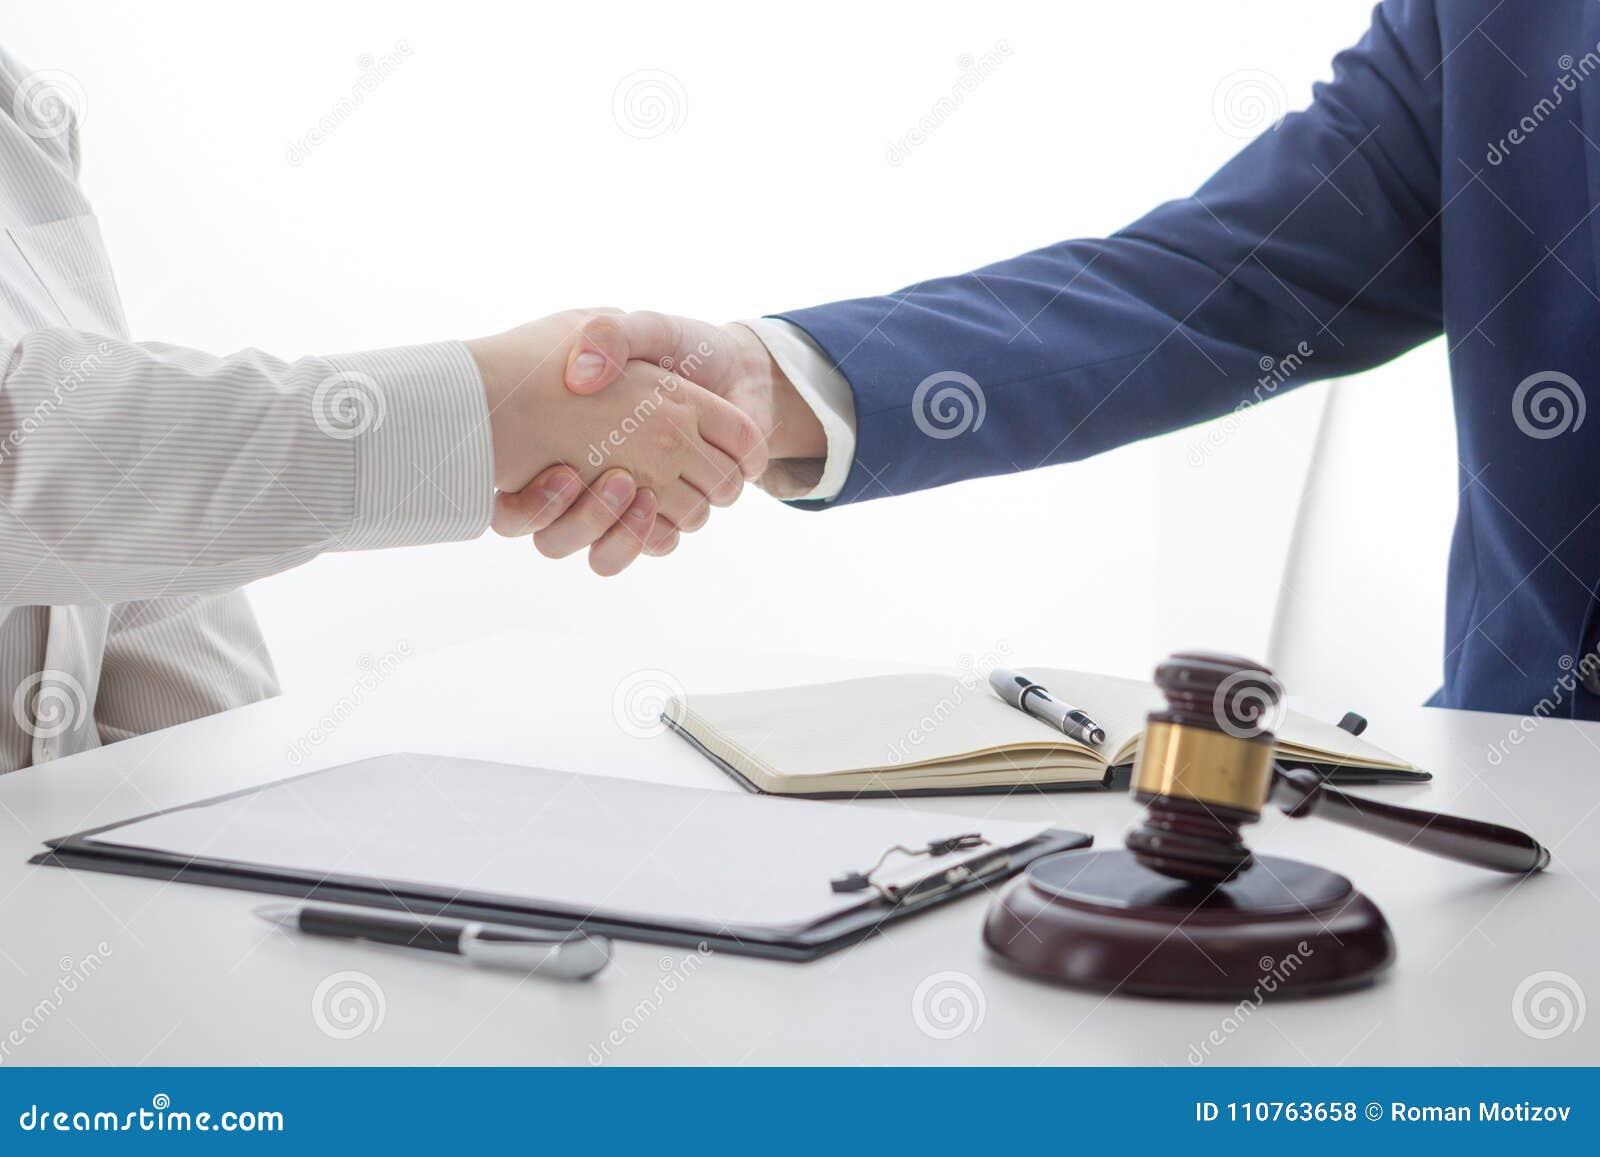 Lag, rådgivning och begrepp för laglig service Advokat och advokat som har lagmöte på advokatbyrån